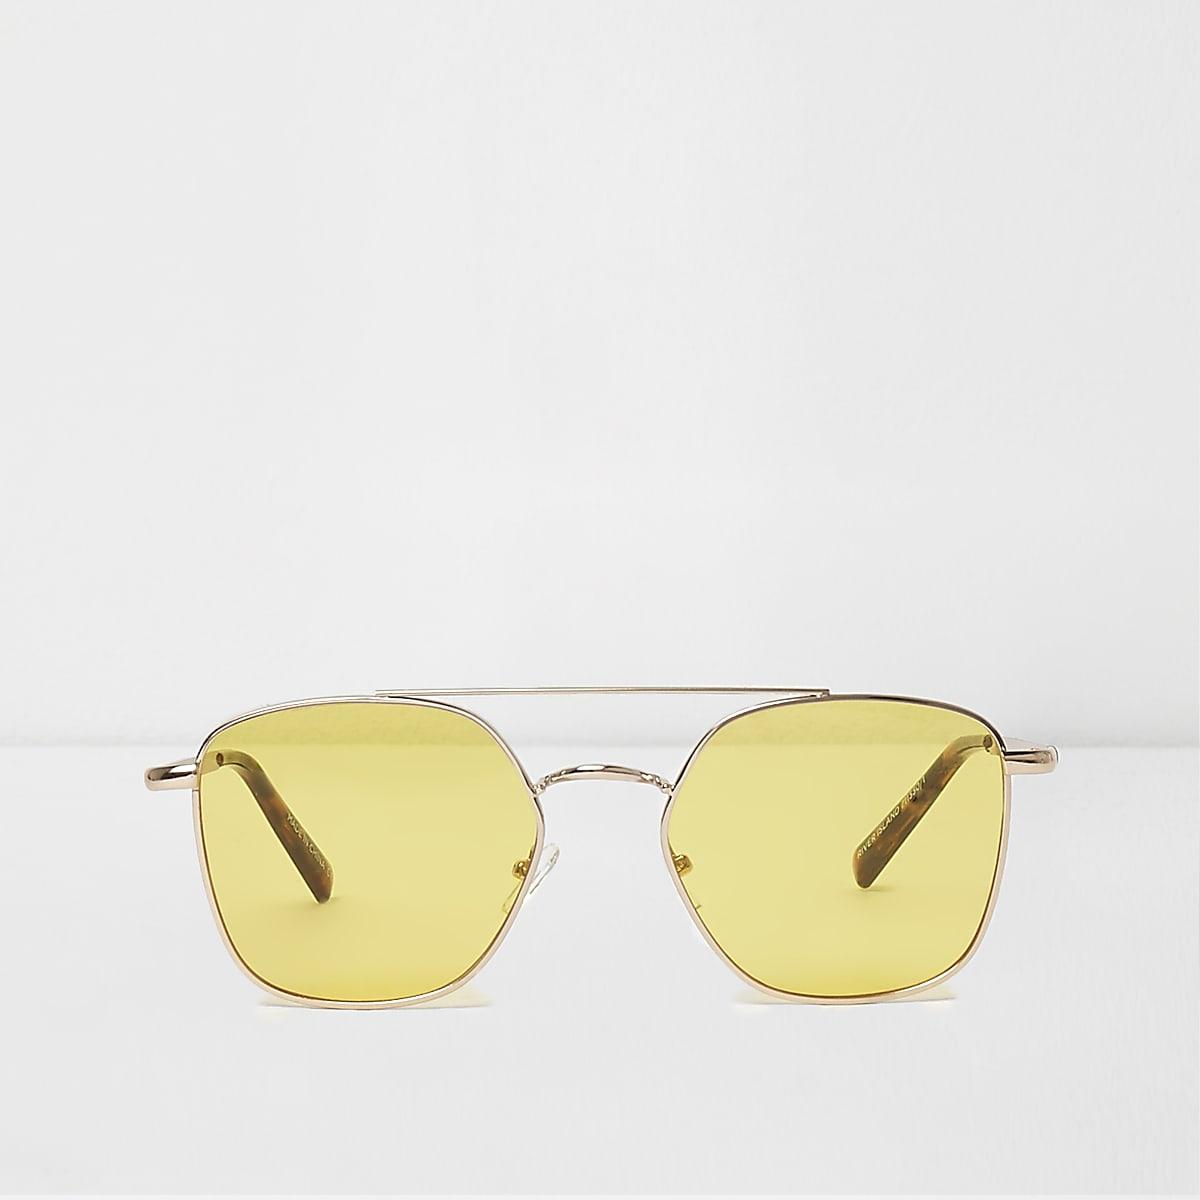 Yellow lens aviator sunglasses